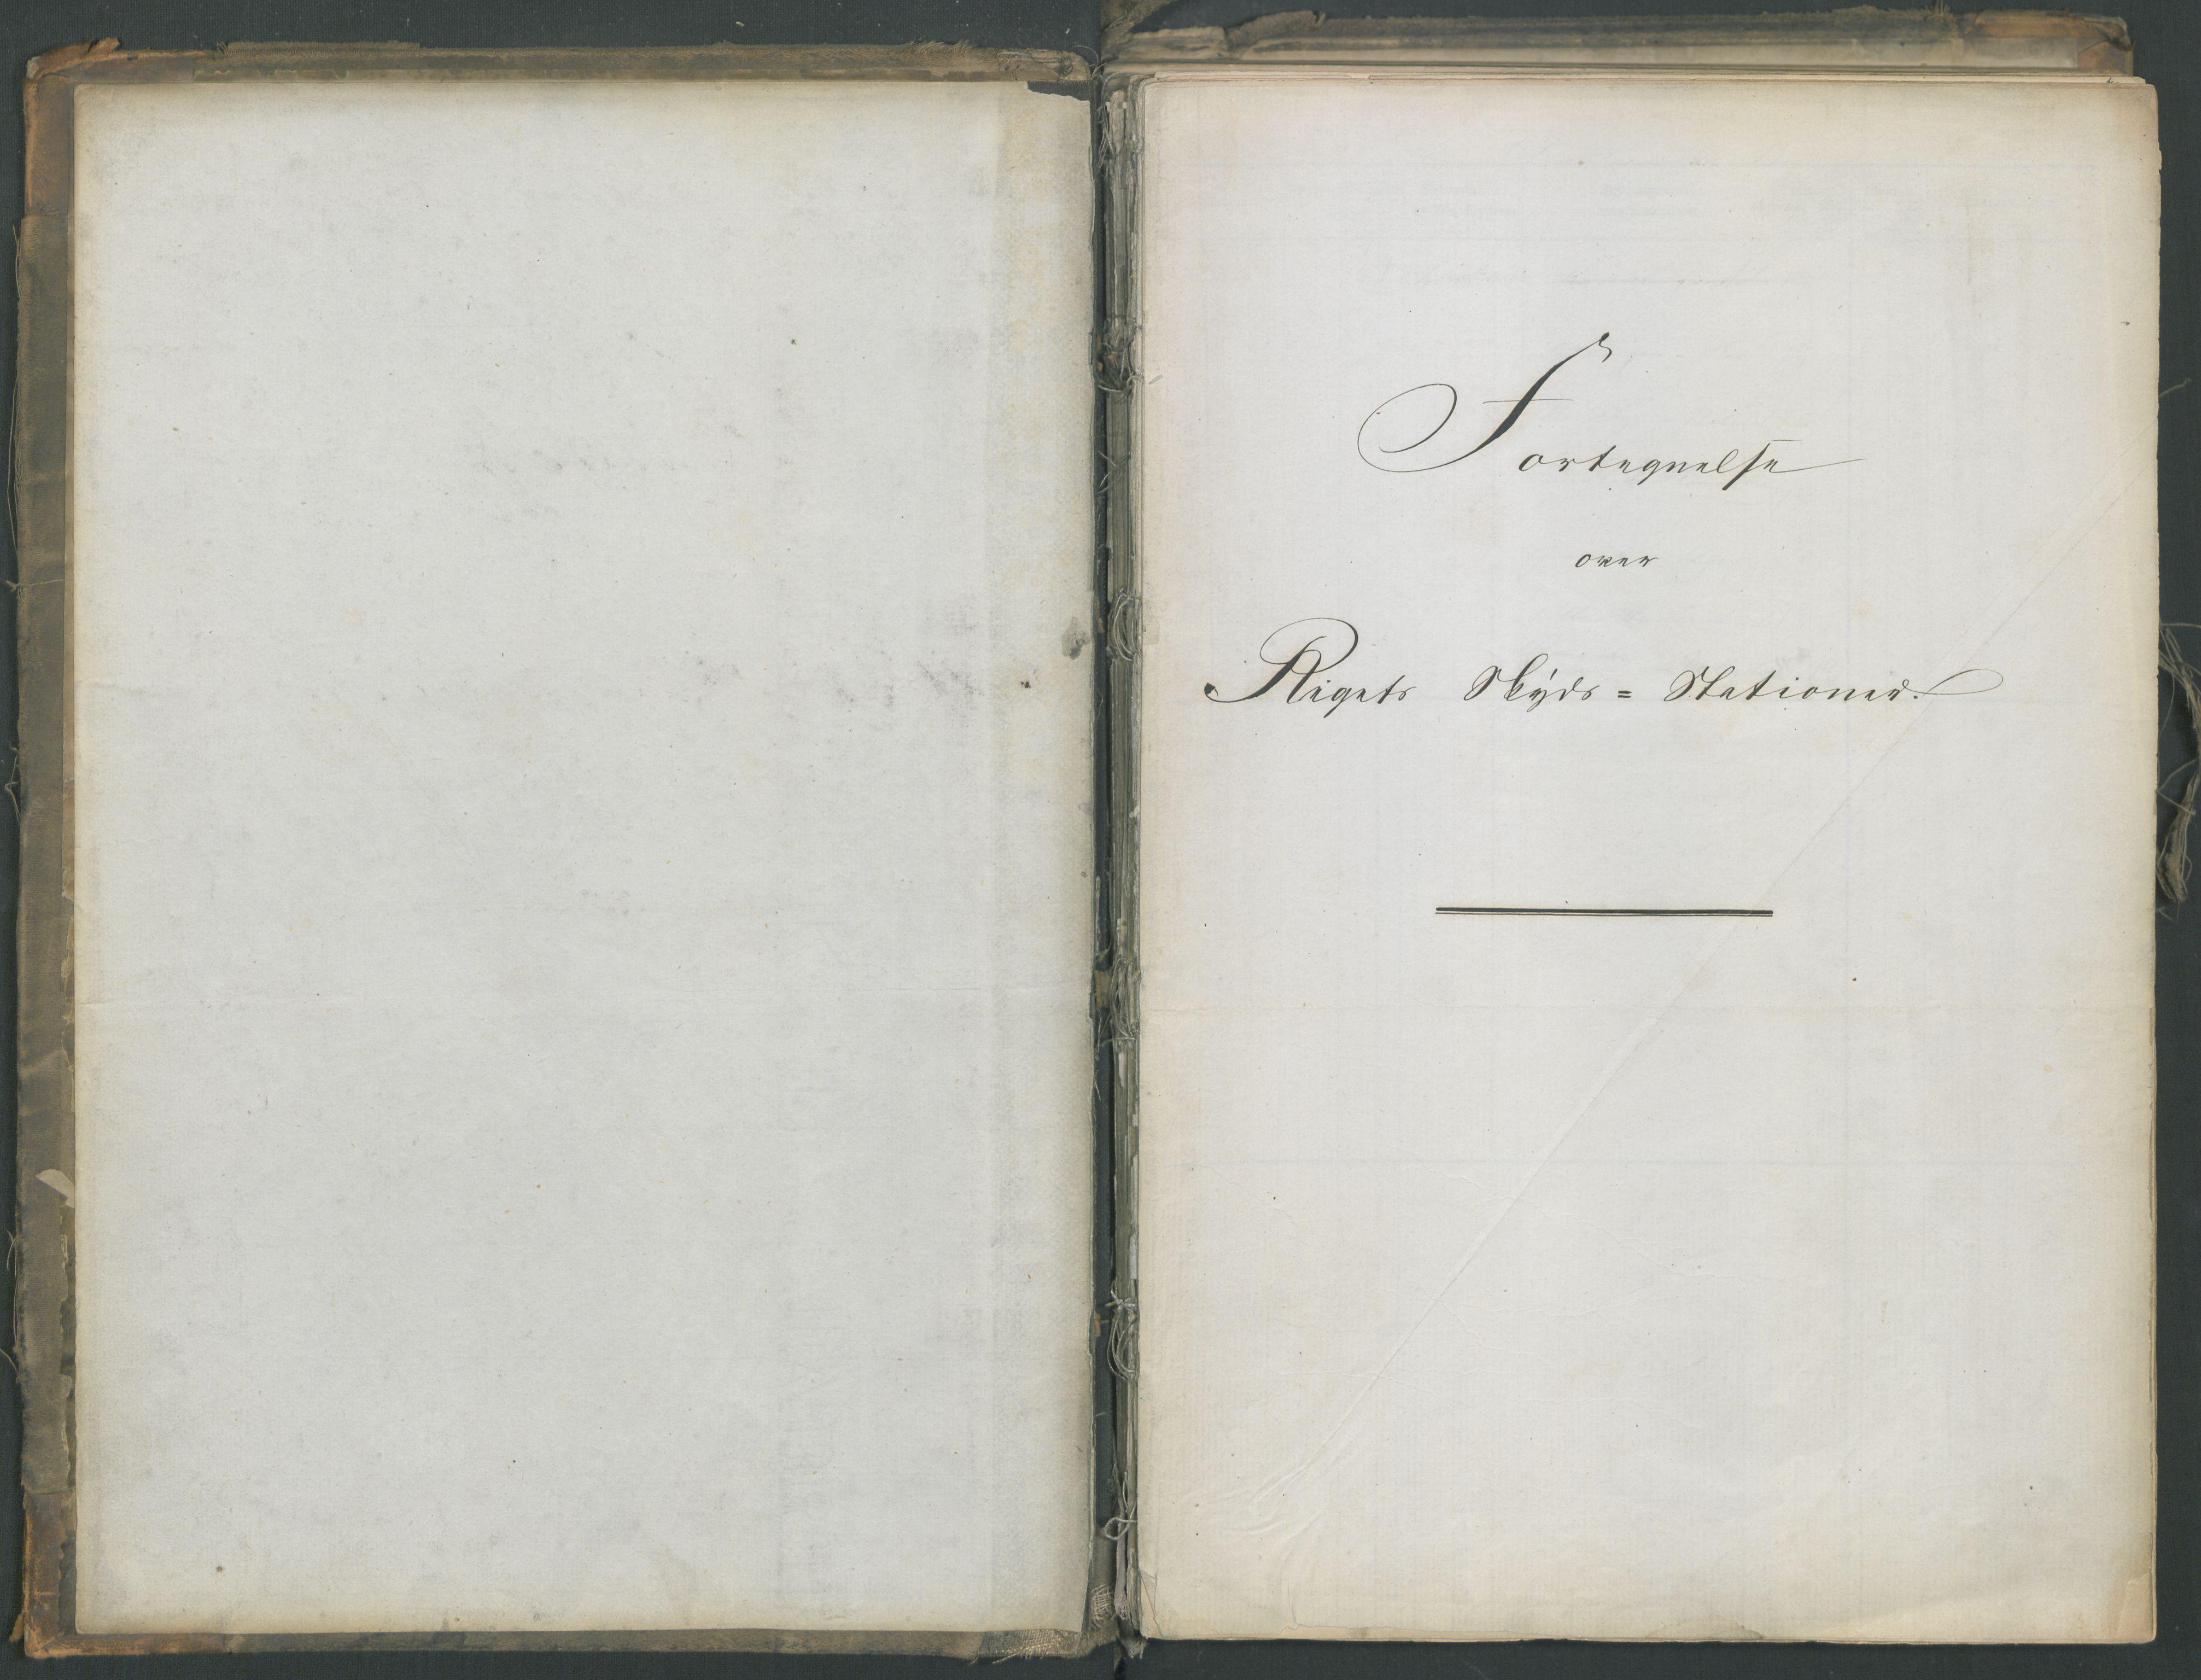 RA, Samferdselsdepartementet, 4. postadministrasjonskontor, G/Ge/Gea/L0002: Fortegnelse over skysstasjoner, 1875, s. 2